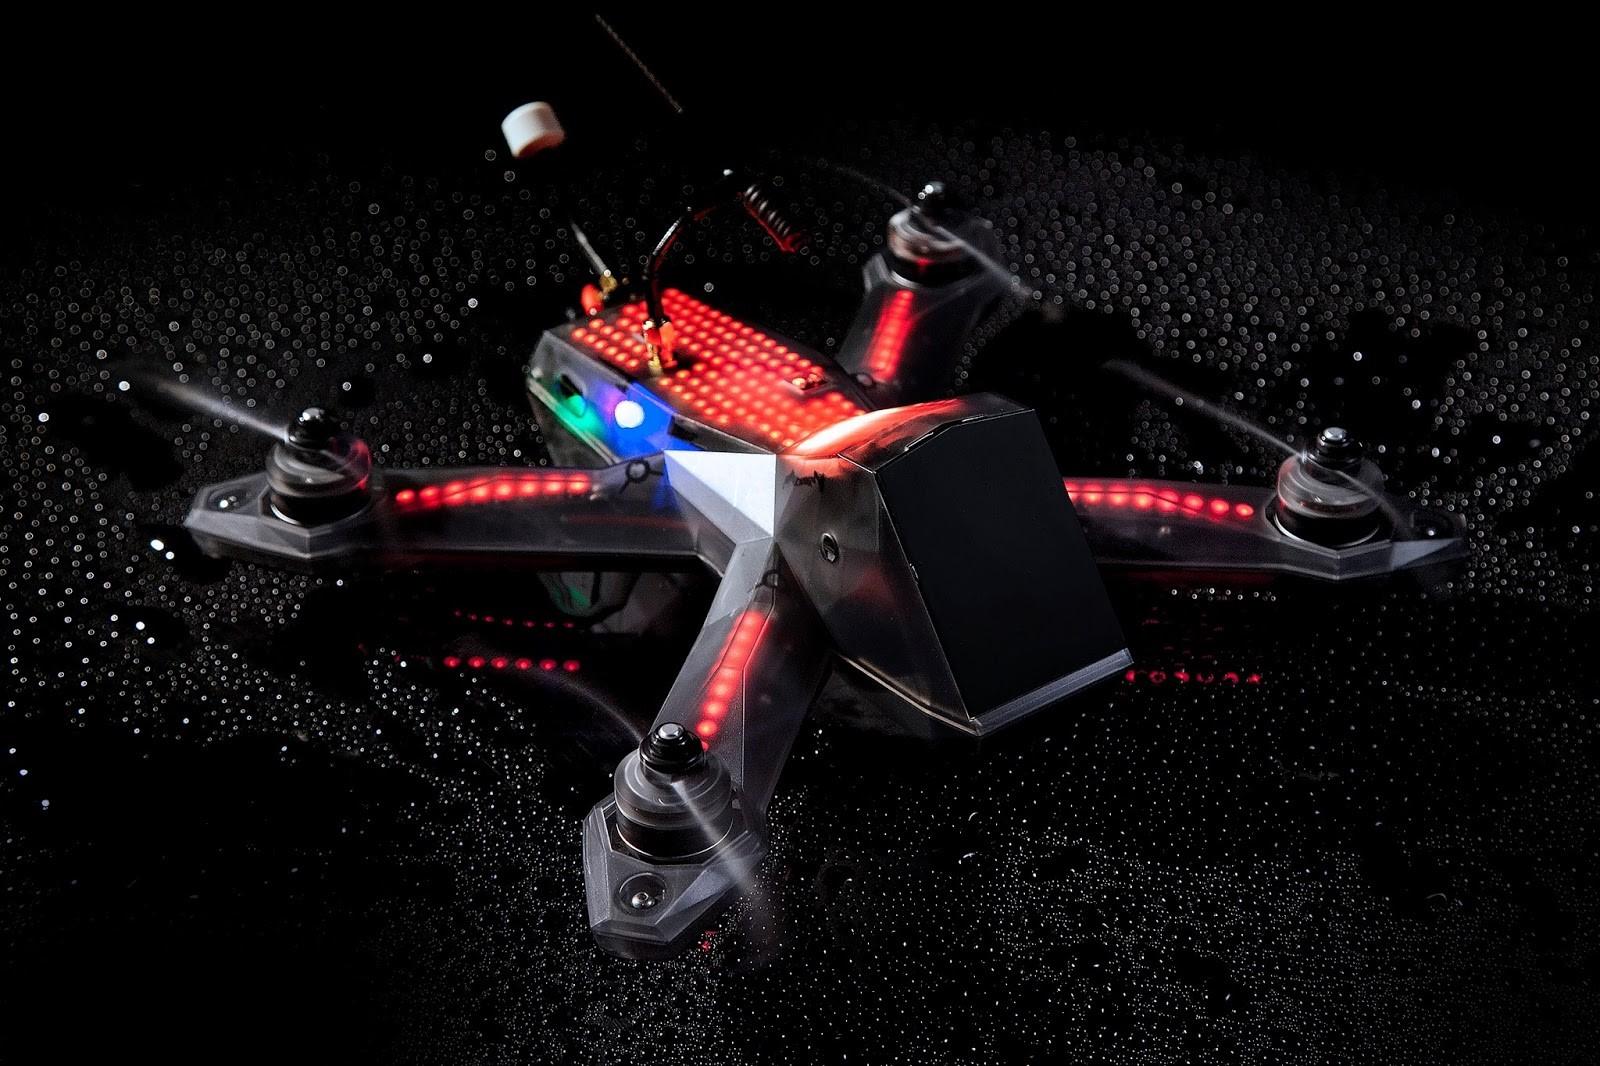 Attacco hacker ai droni a Torino